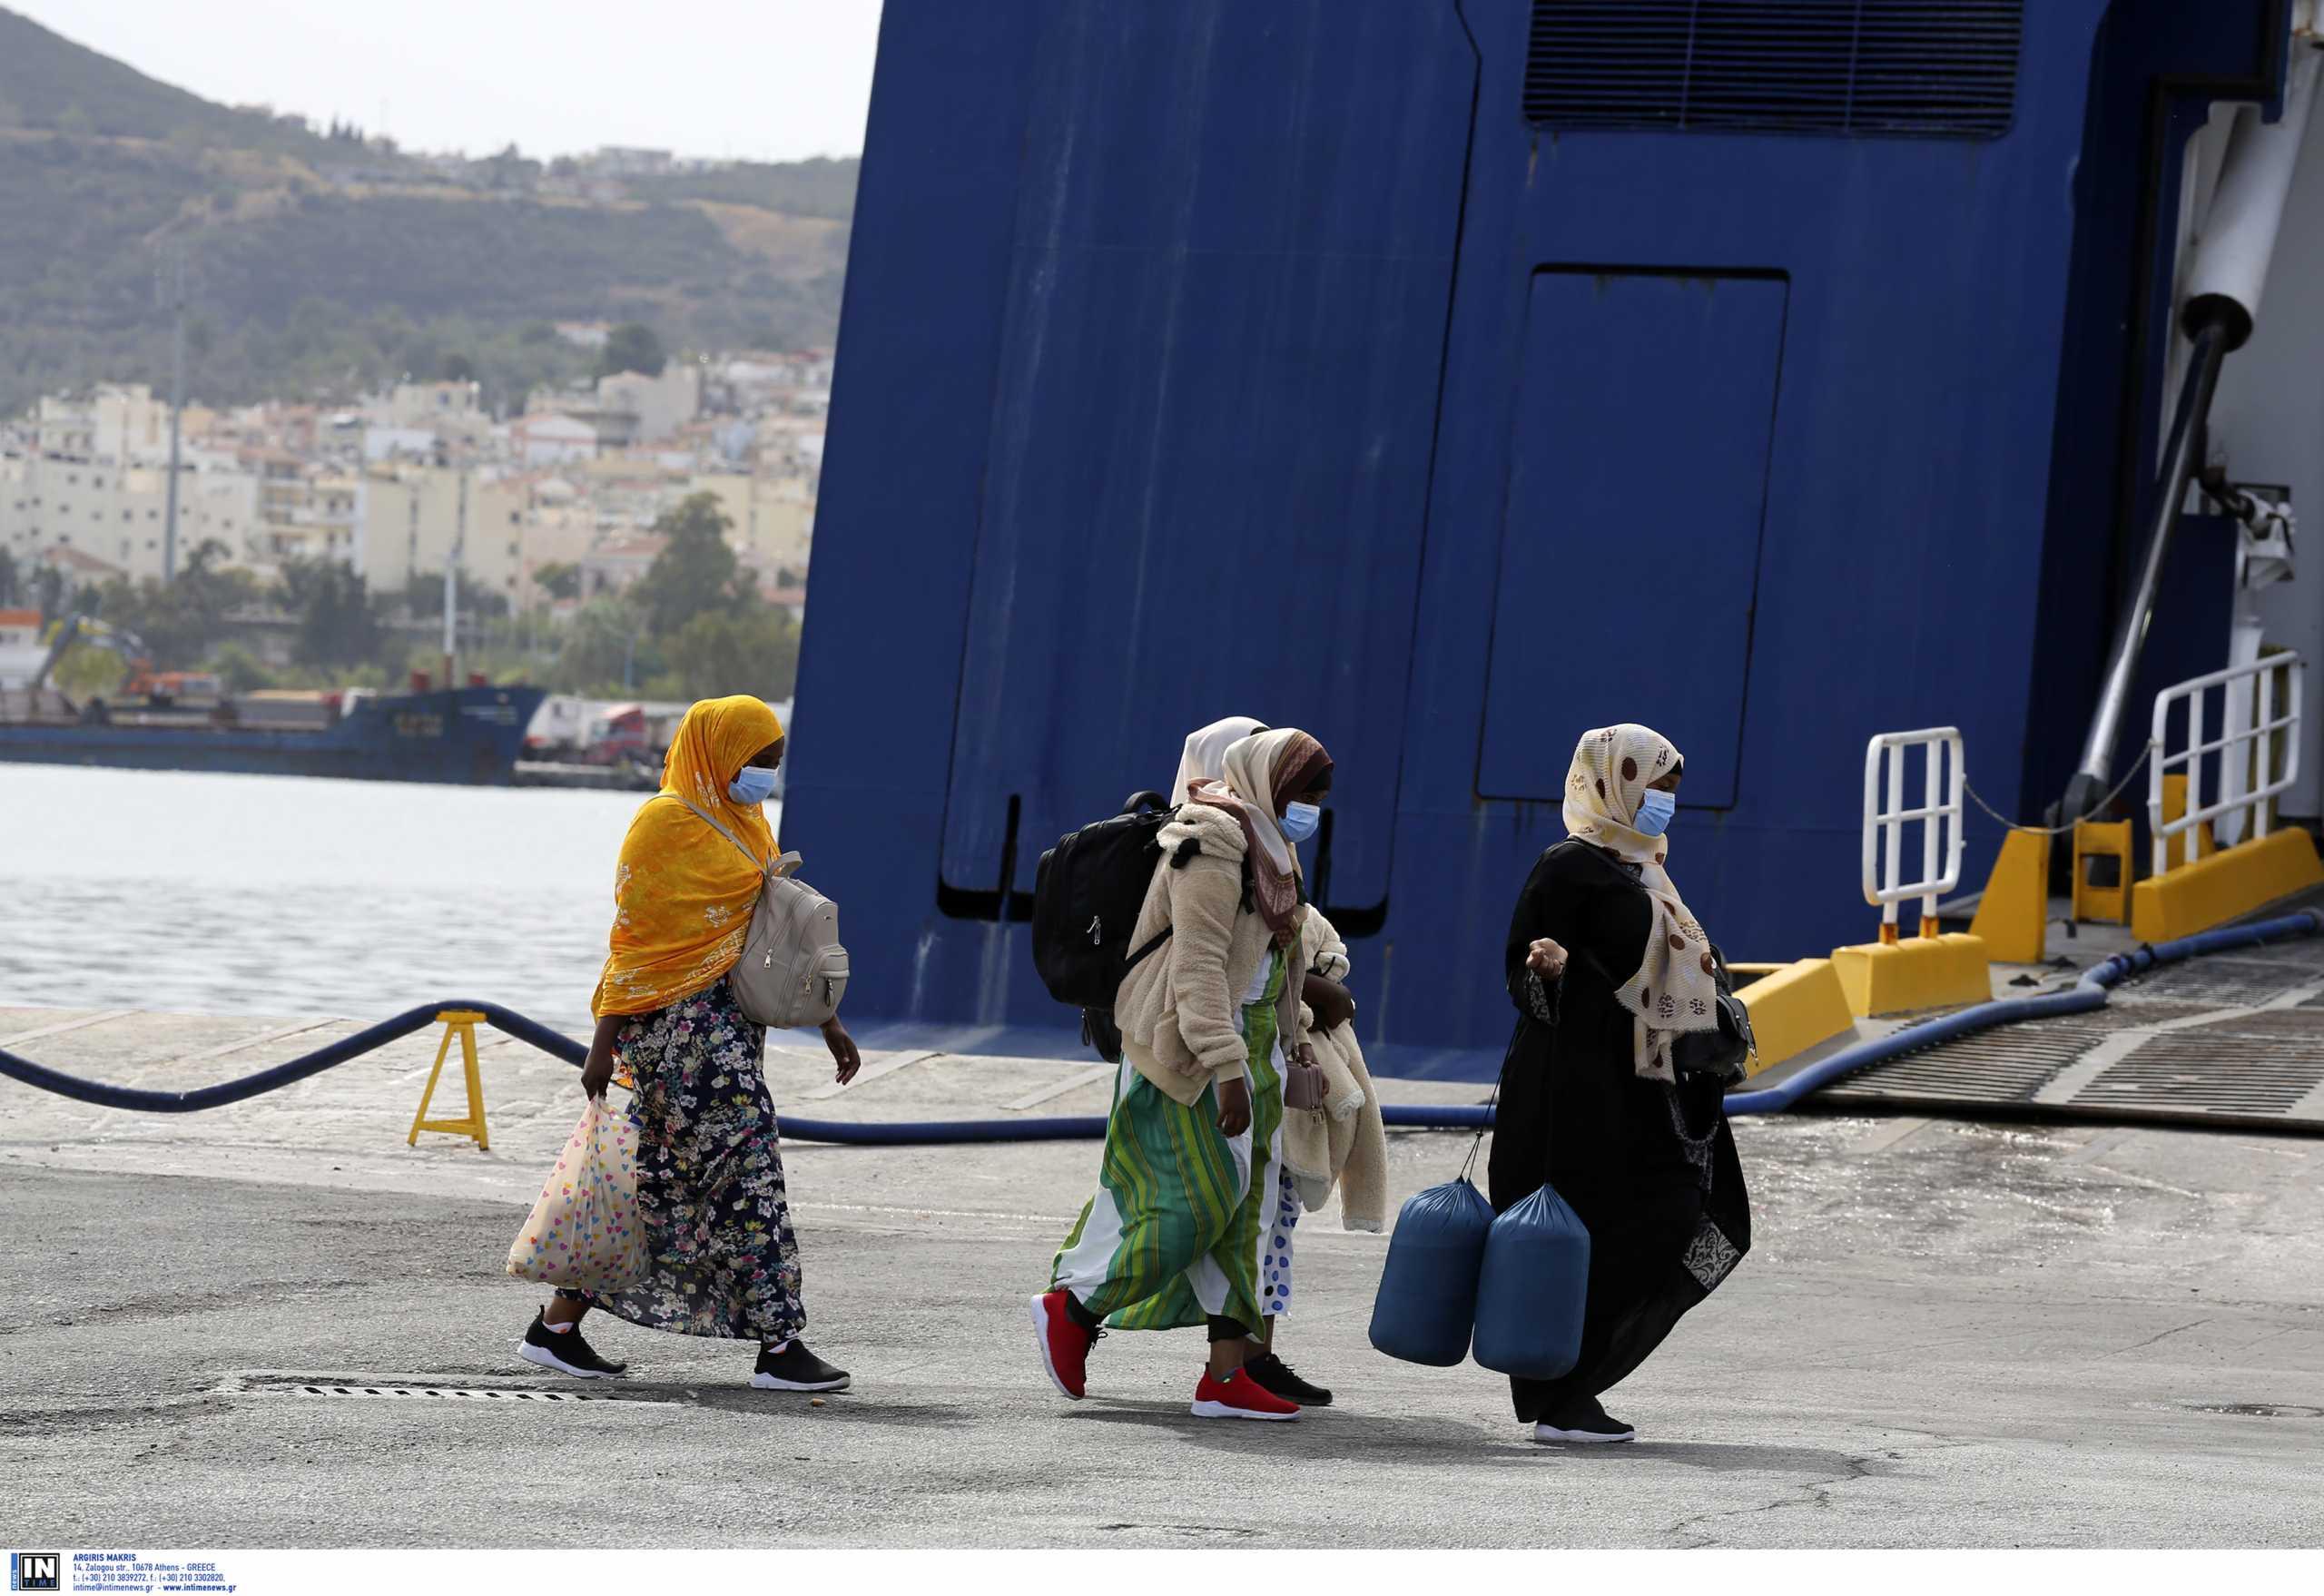 Καταργείται το οικονομικό βοήθημα για τους αιτούντες άσυλο εκτός δομών